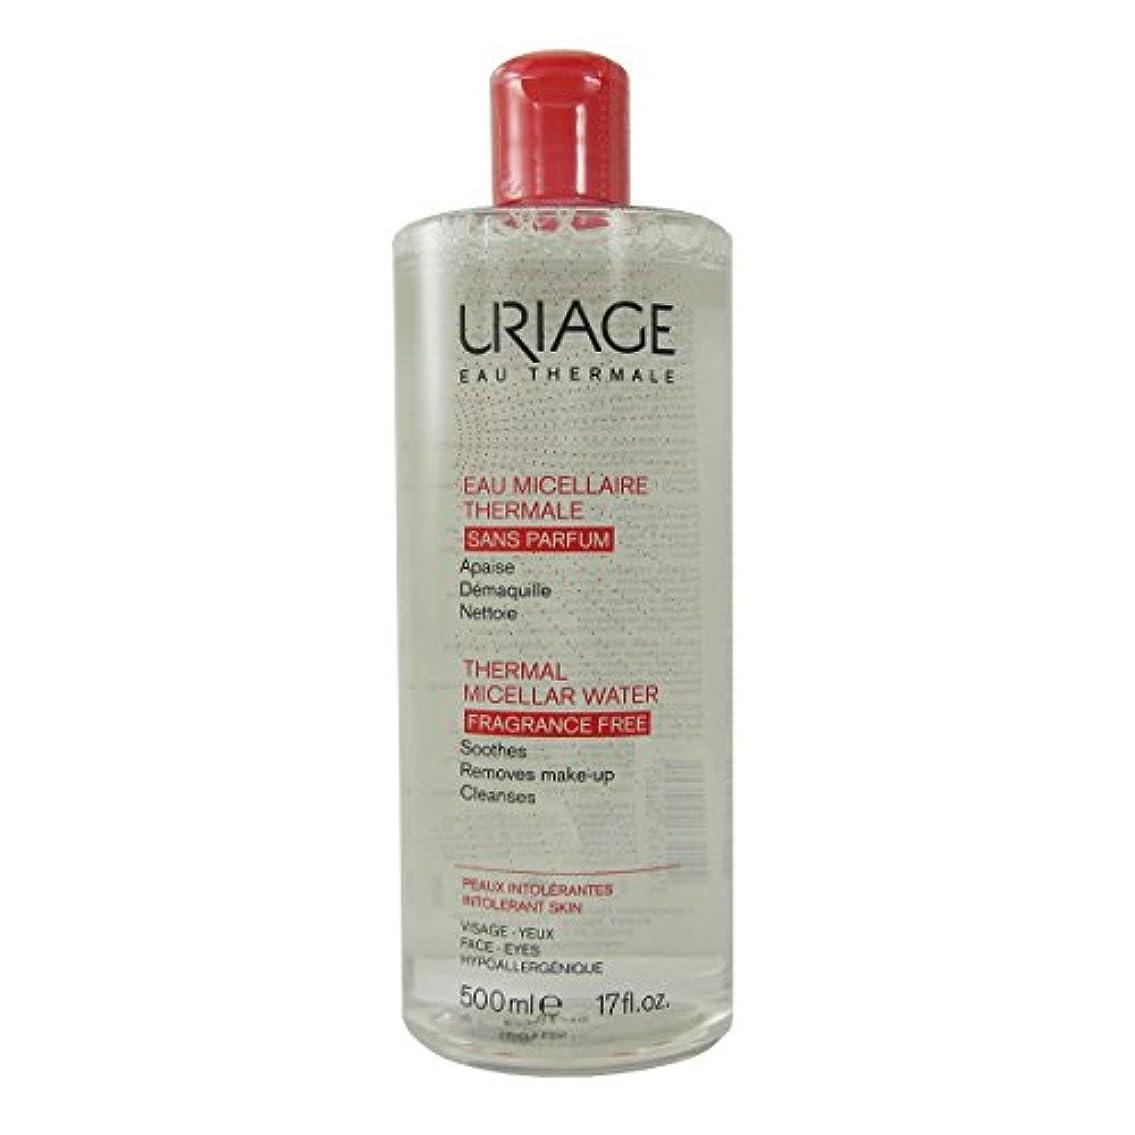 酒感じる新鮮なUriage Thermal Micellar Water Fragrance Free Intolerant Skin 500ml [並行輸入品]